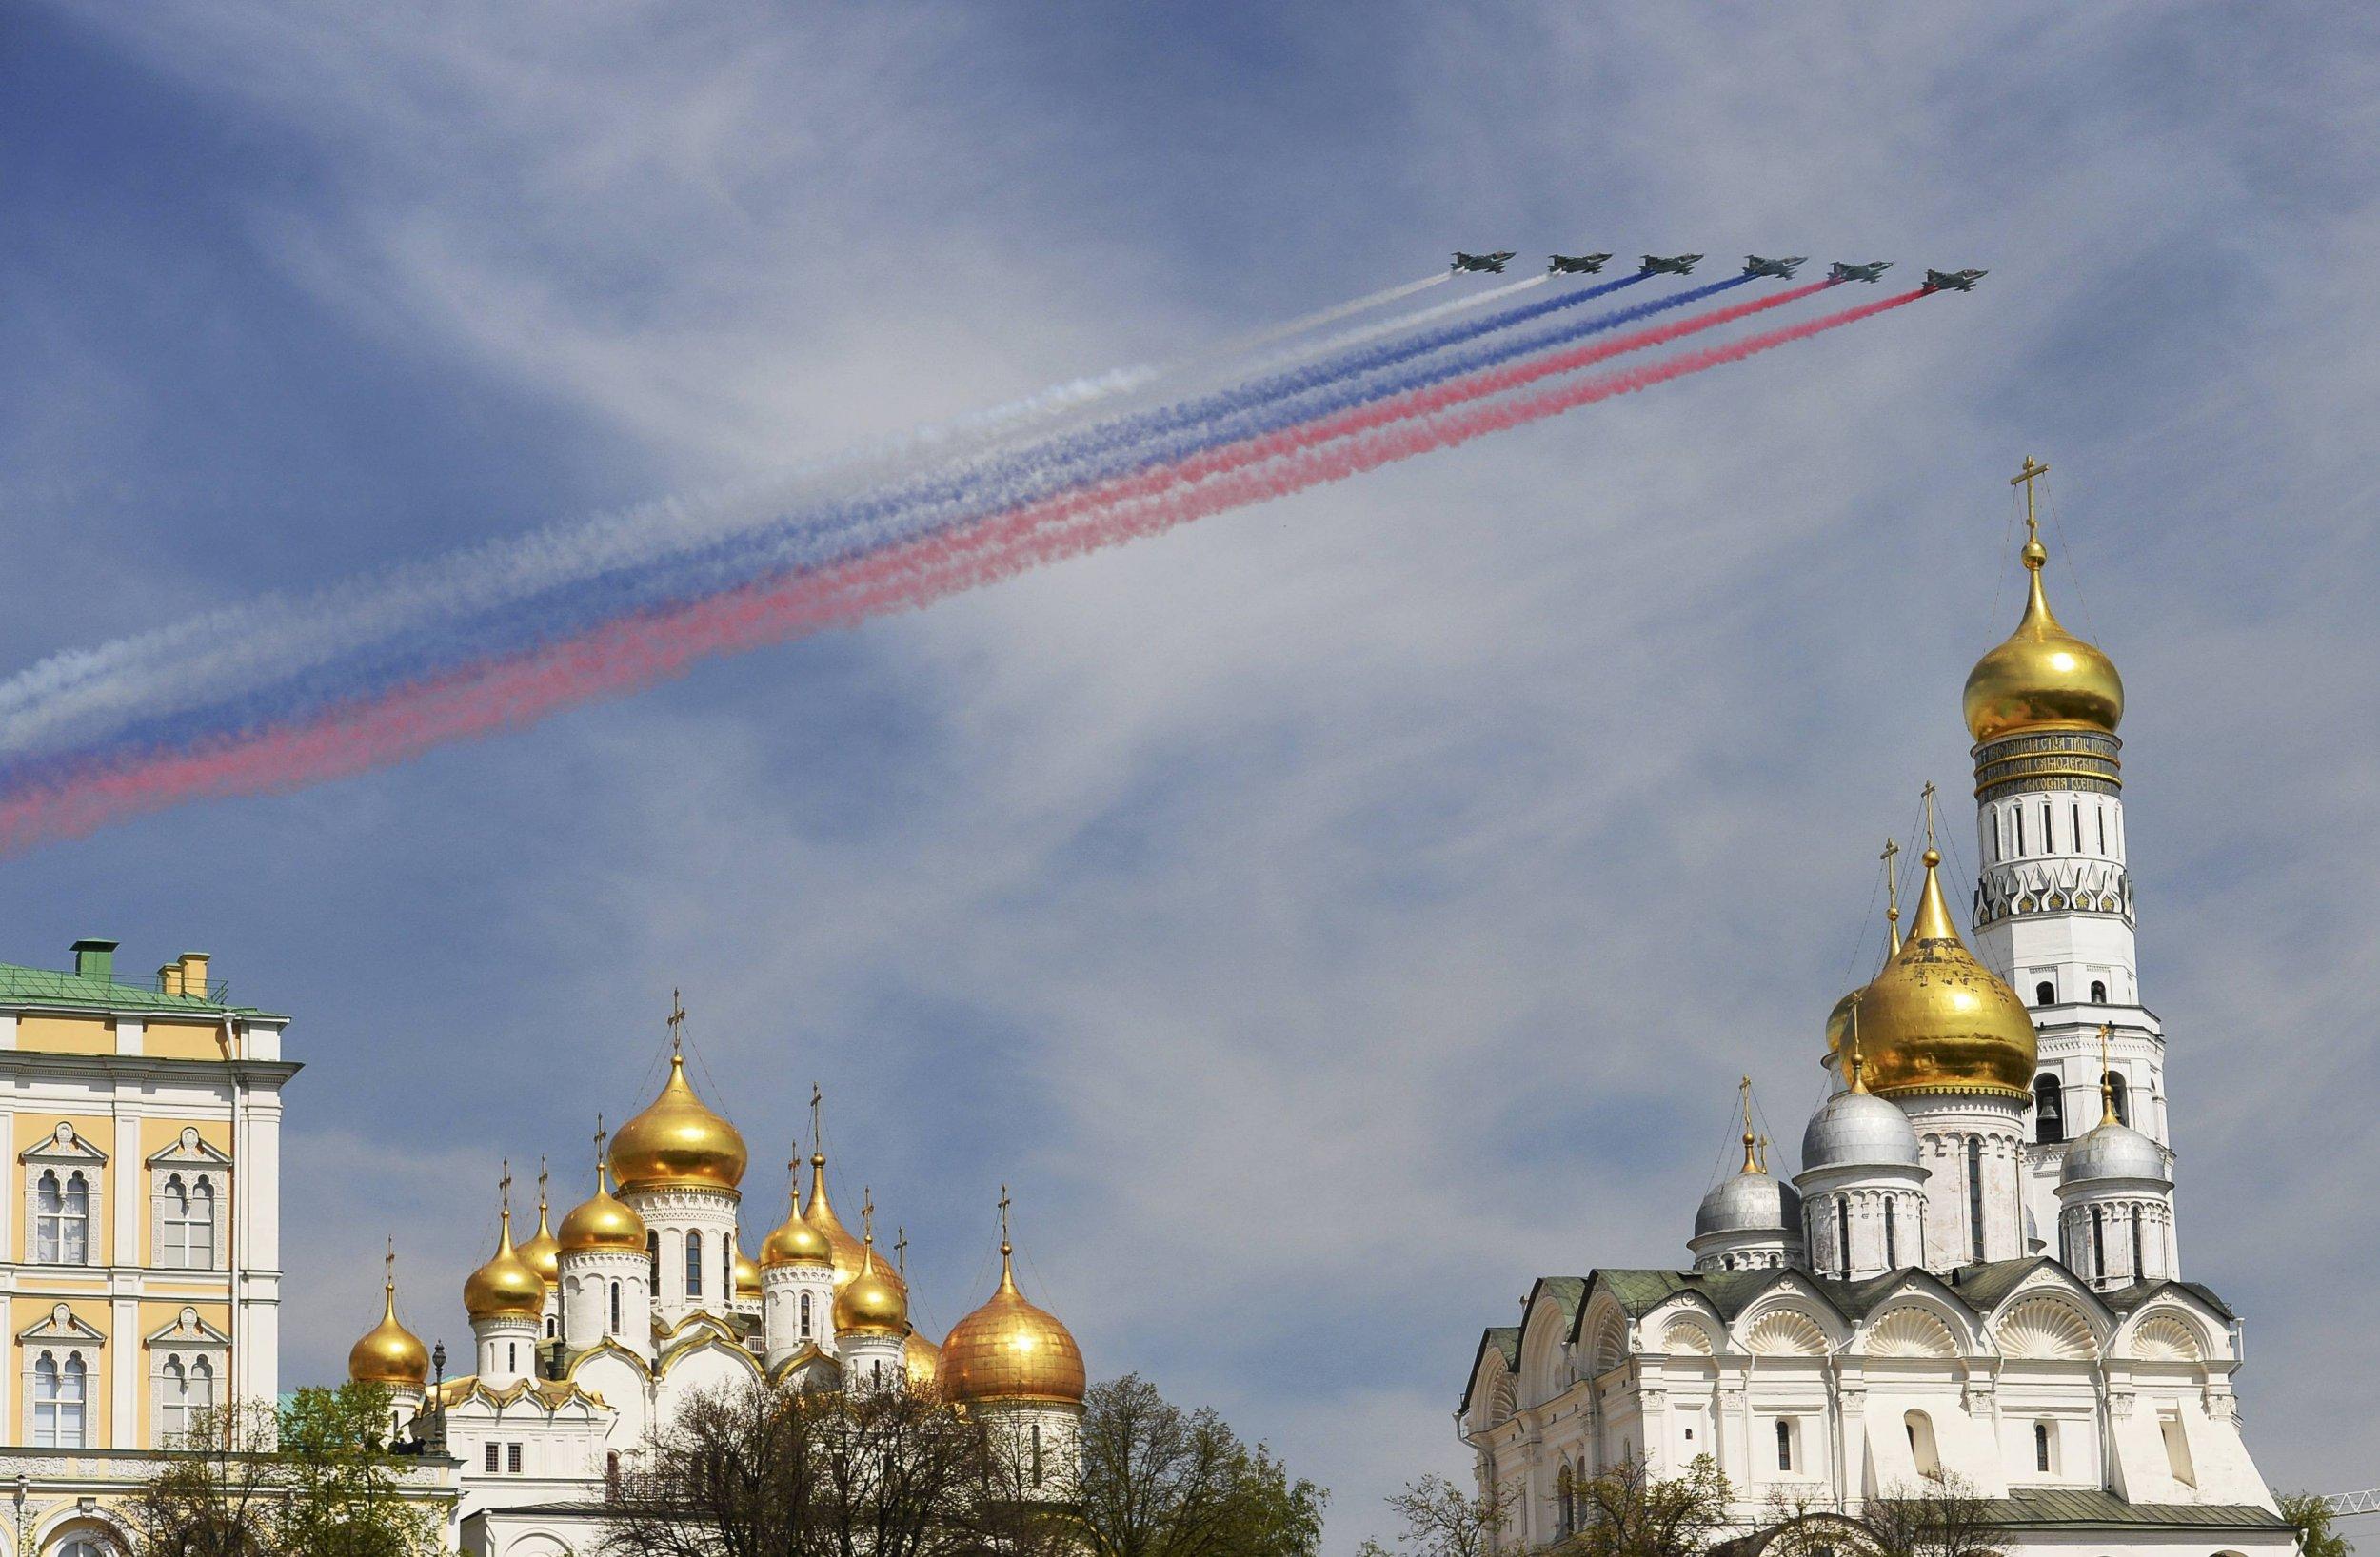 2015-05-09T092719Z_76856793_LR2EB590Q98RW_RTRMADP_3_WW2-ANNIVERSARY-RUSSIA